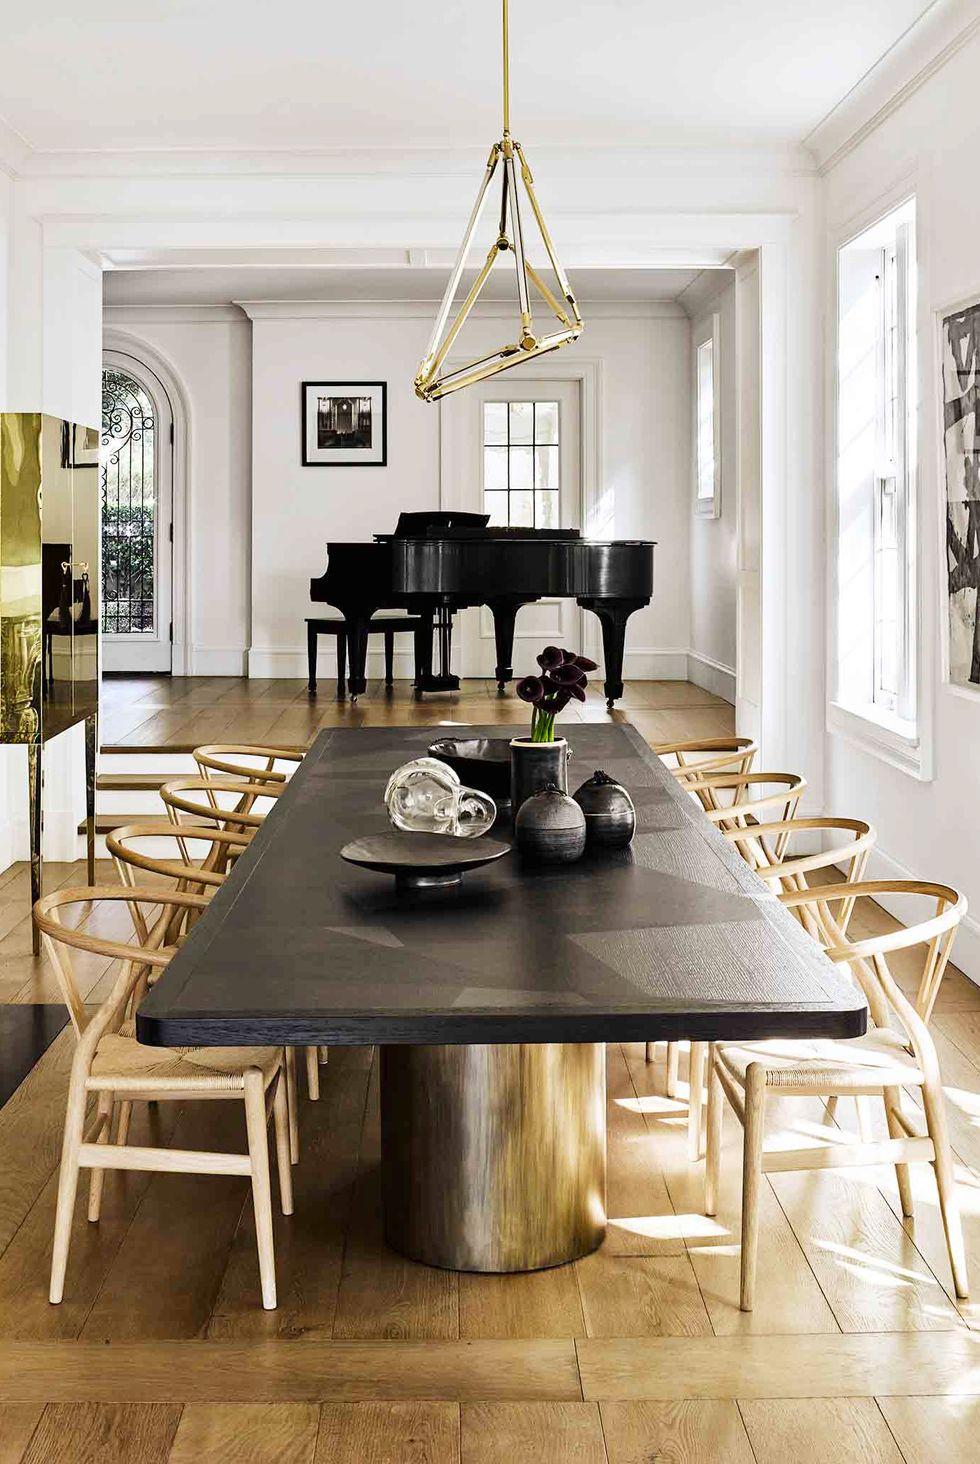 Designer Dining Rooms: 55 Dining Room Ideas